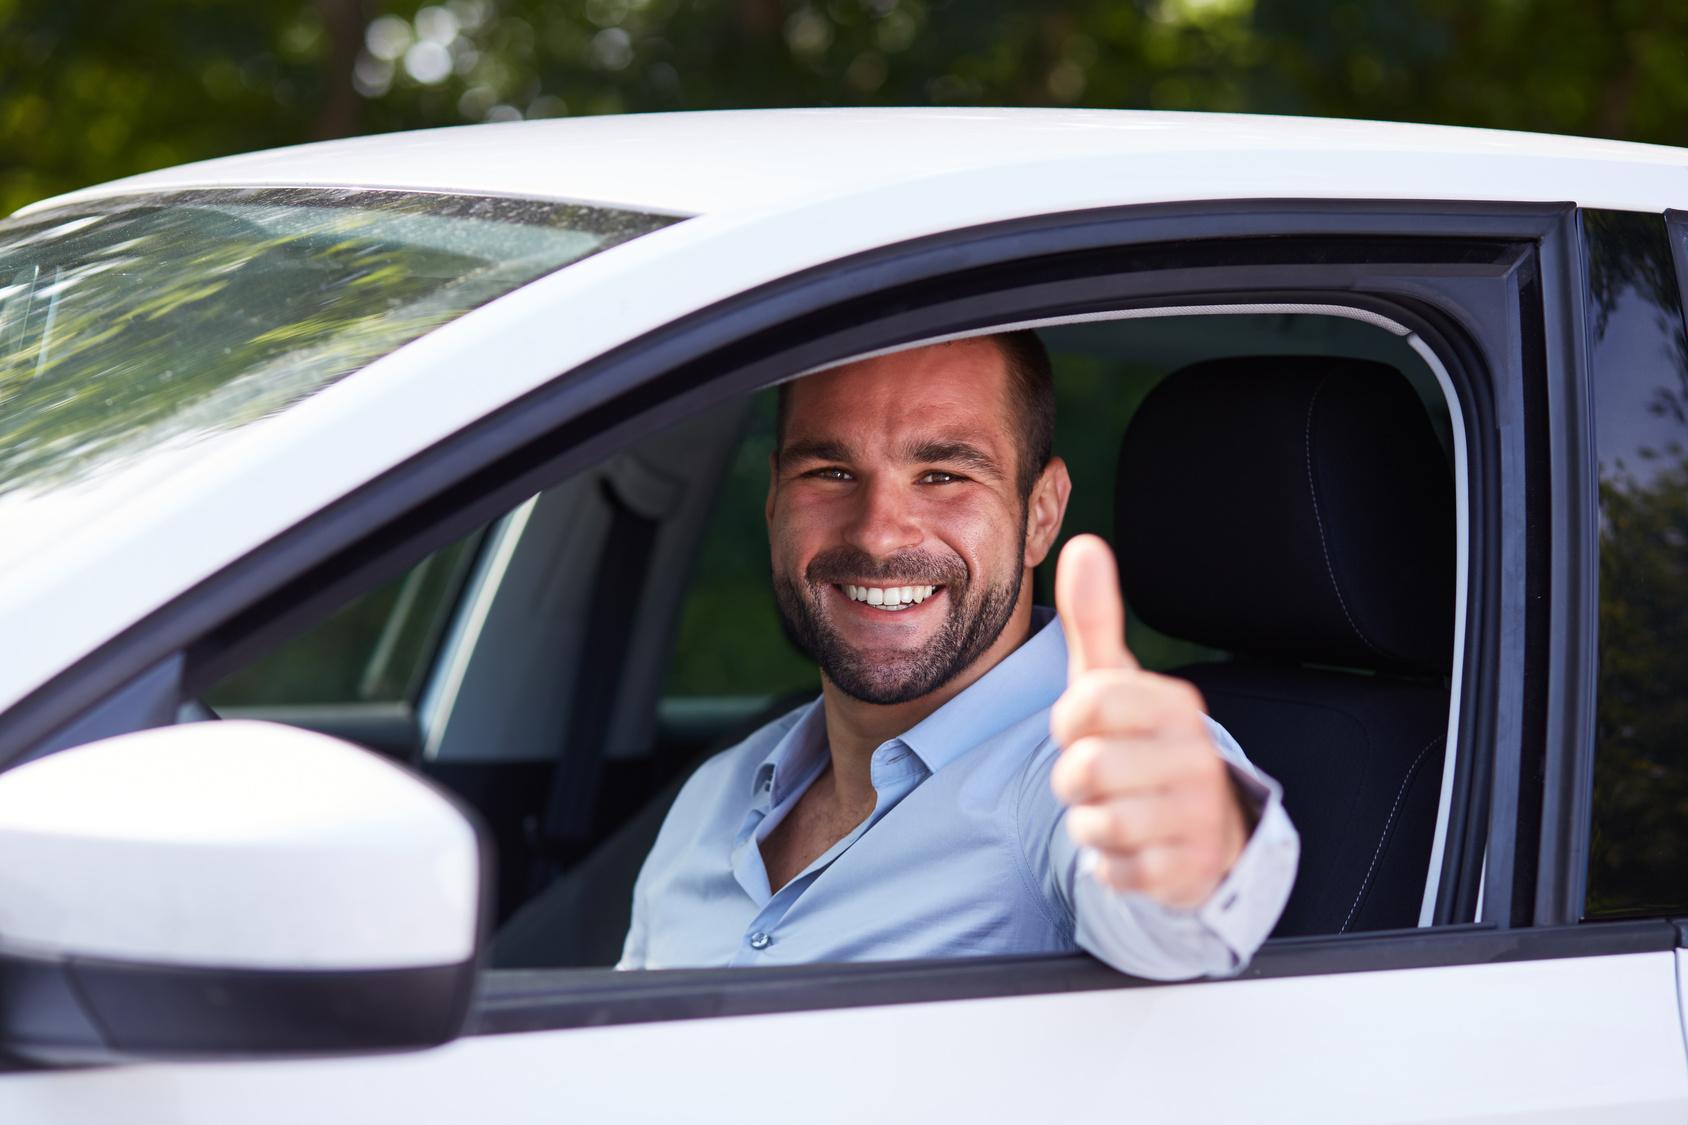 Fahren Sie sanft Mit JimDrive ausgezeichnete Auto-Dienste